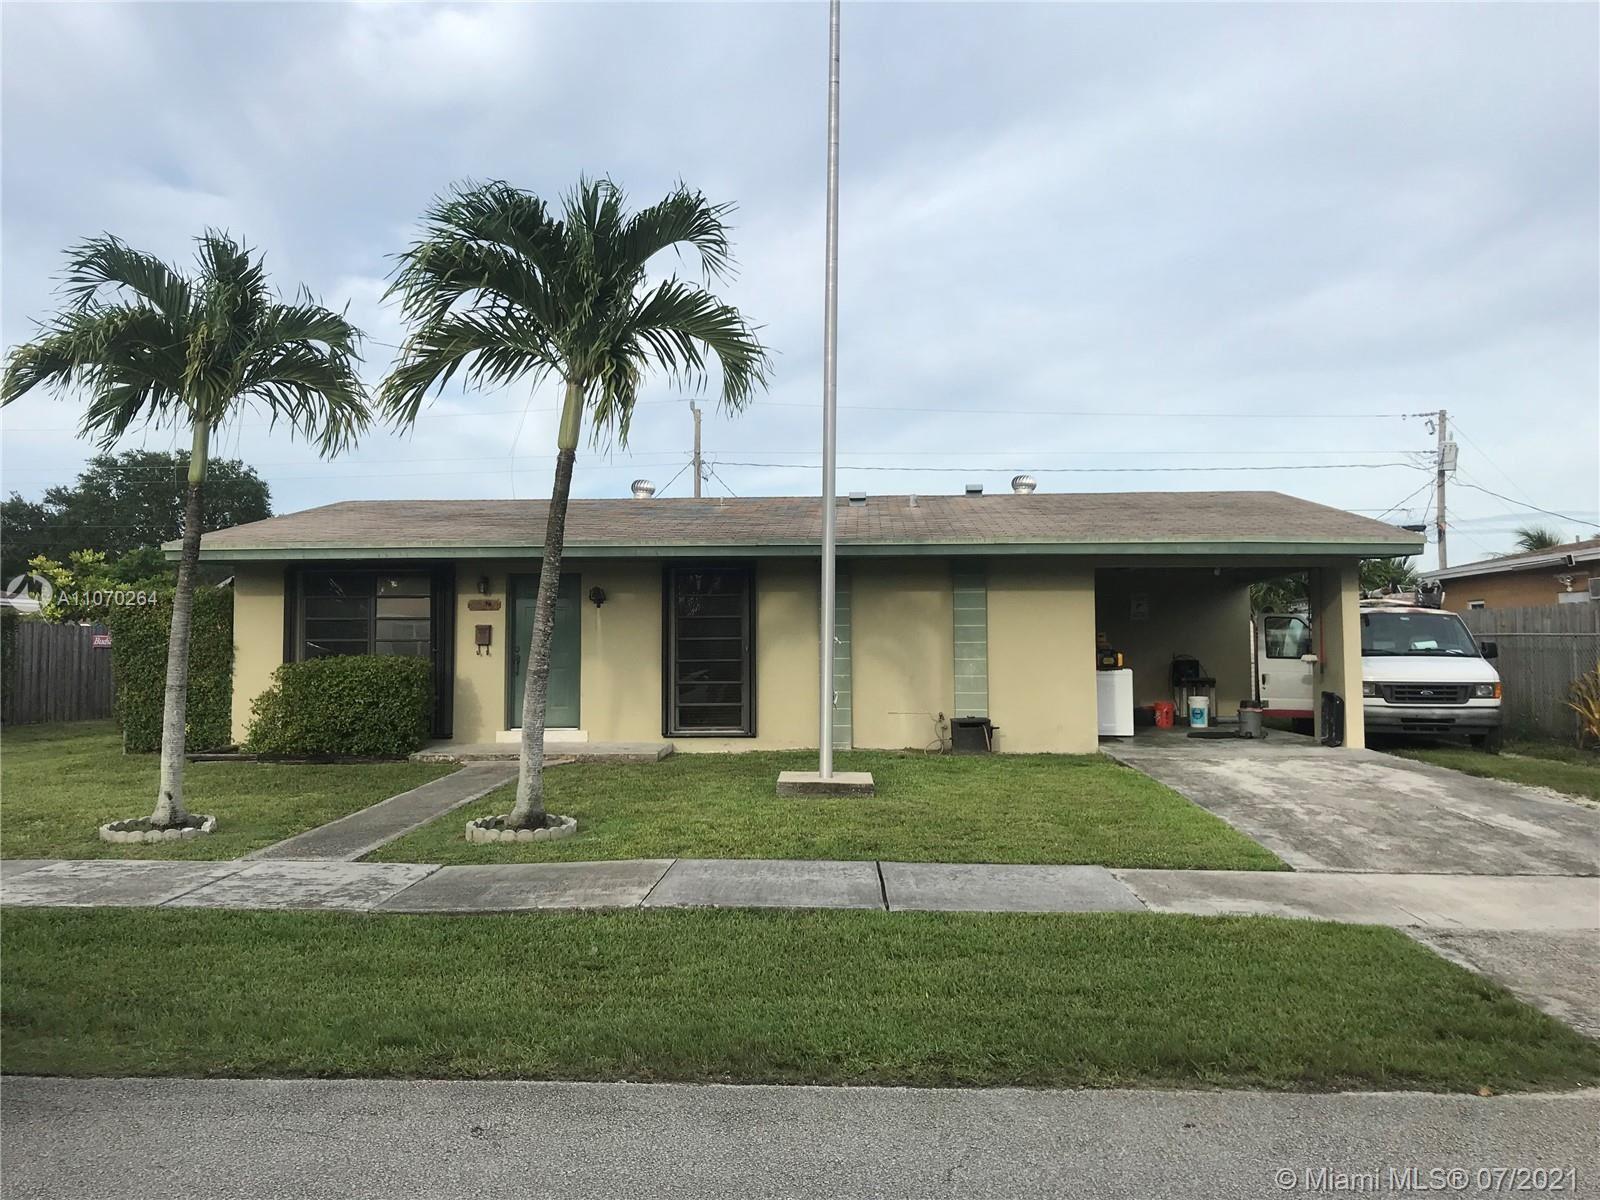 20305 SW 106th Ct, Cutler Bay, FL 33189 - #: A11070264